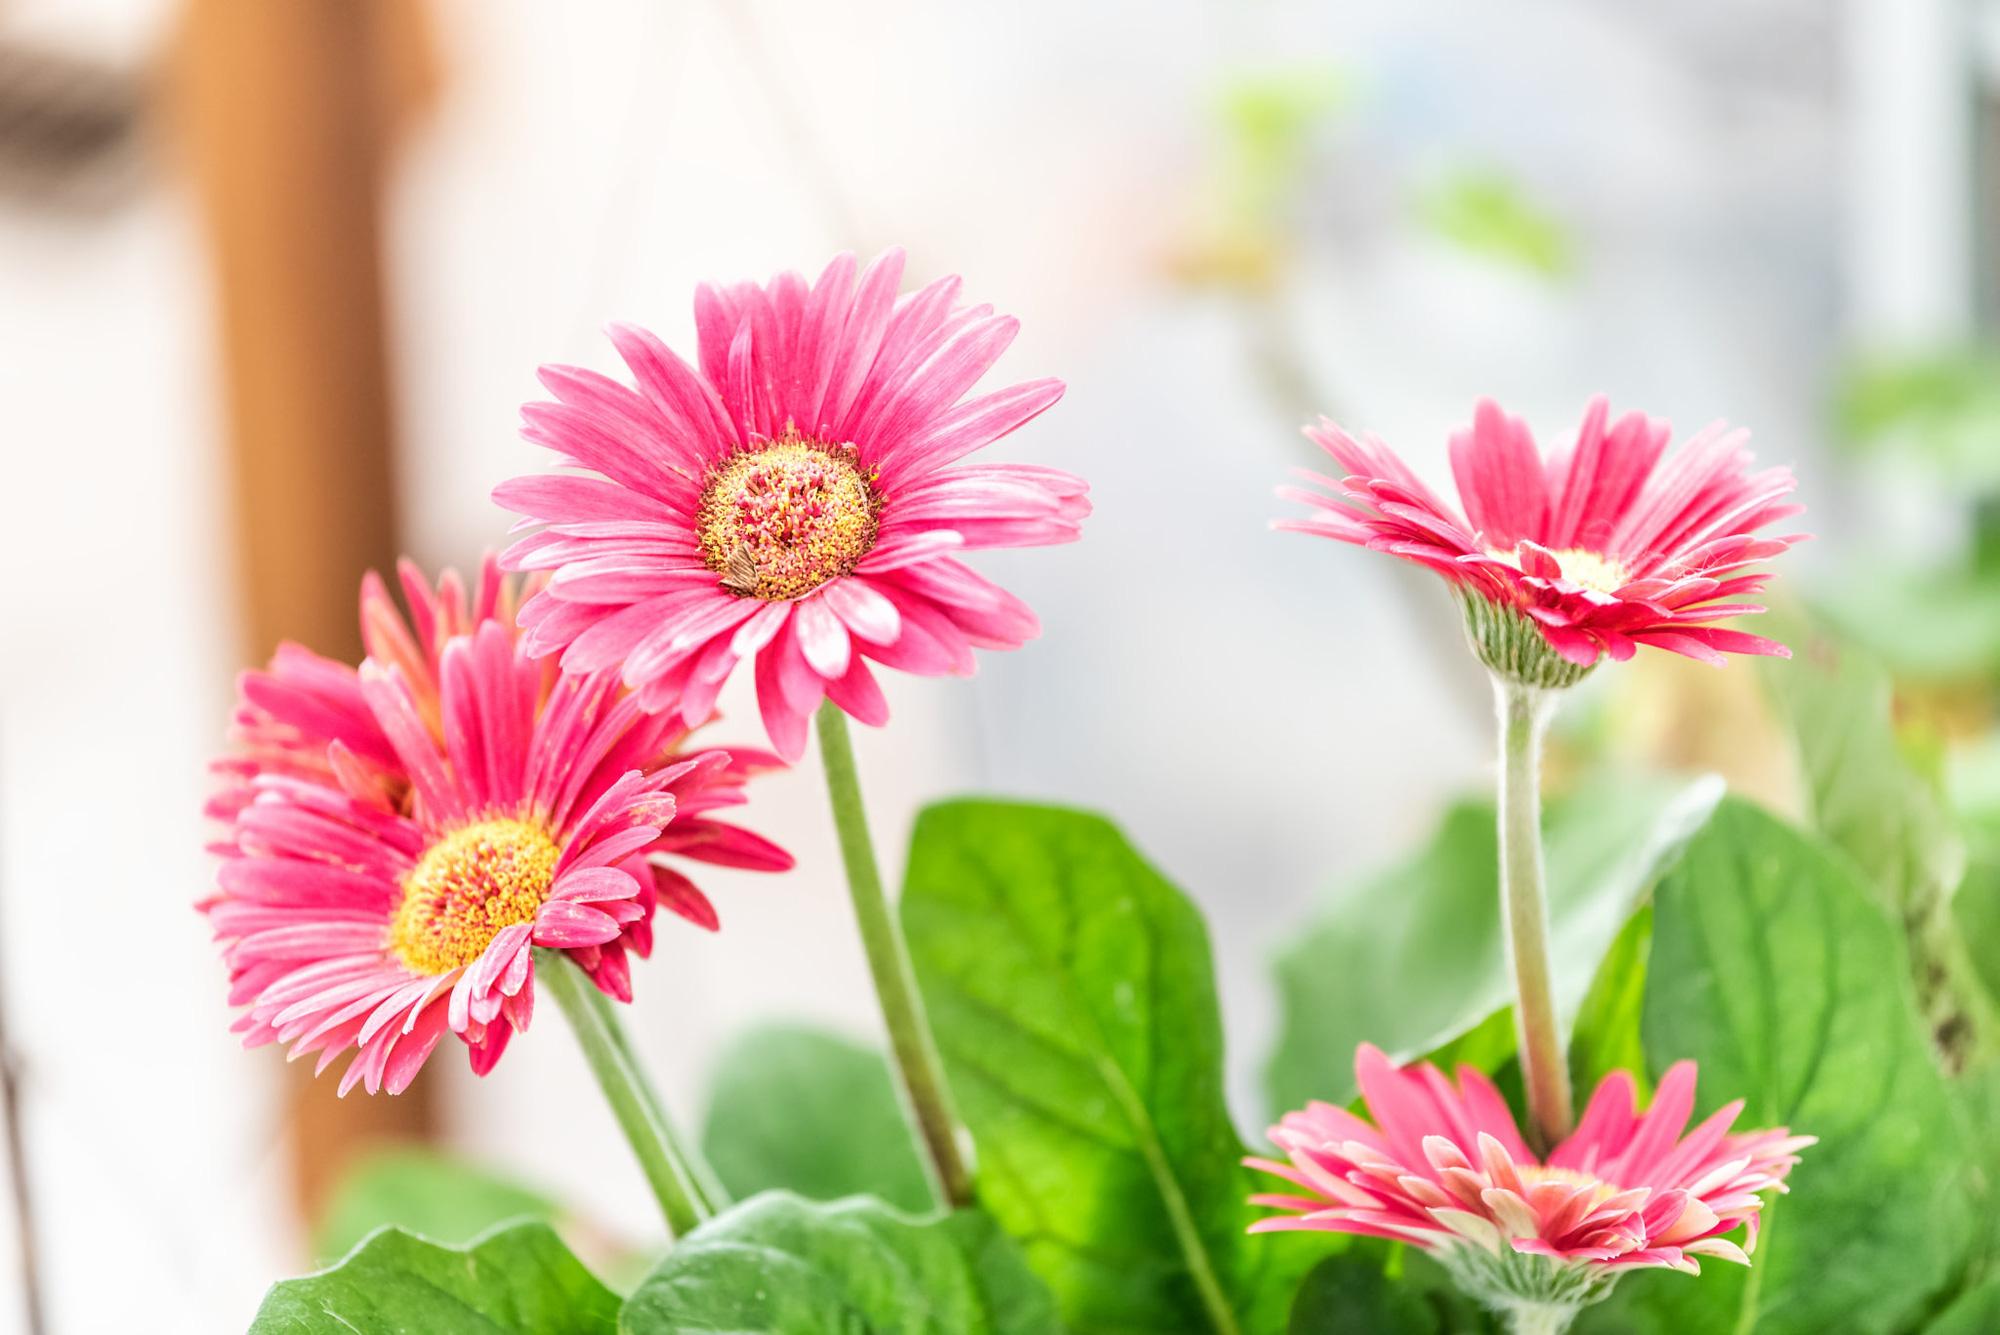 Tập hợp những loại cây trồng trong nhà được NASA gợi ý để cải thiện sức khỏe - Ảnh 7.